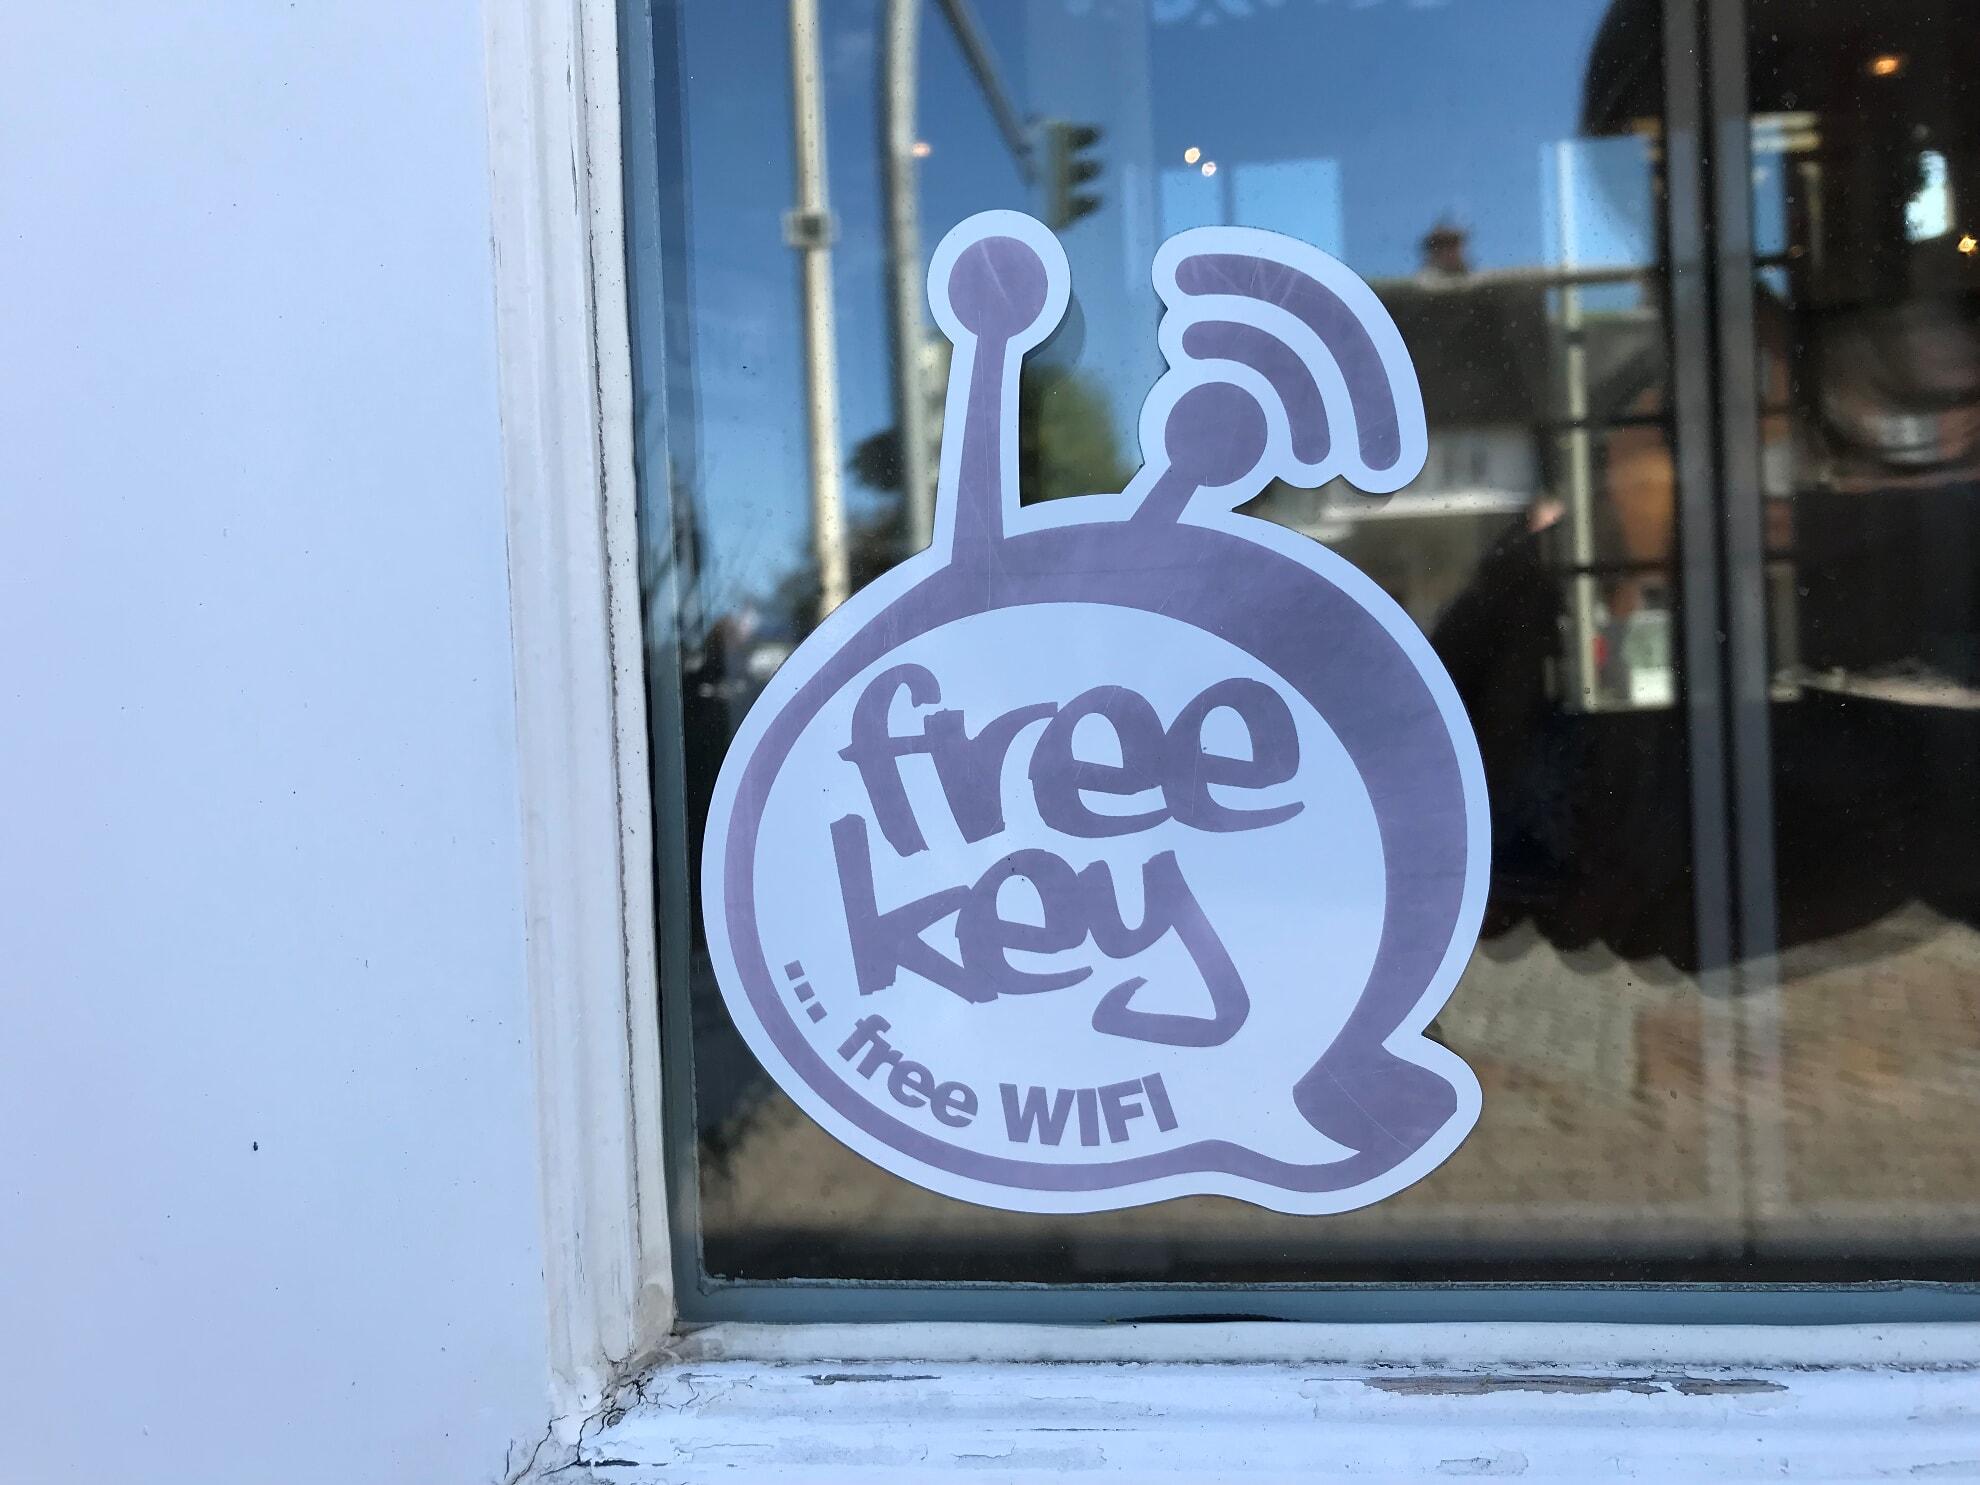 Free Key - freies WLan in Kampen